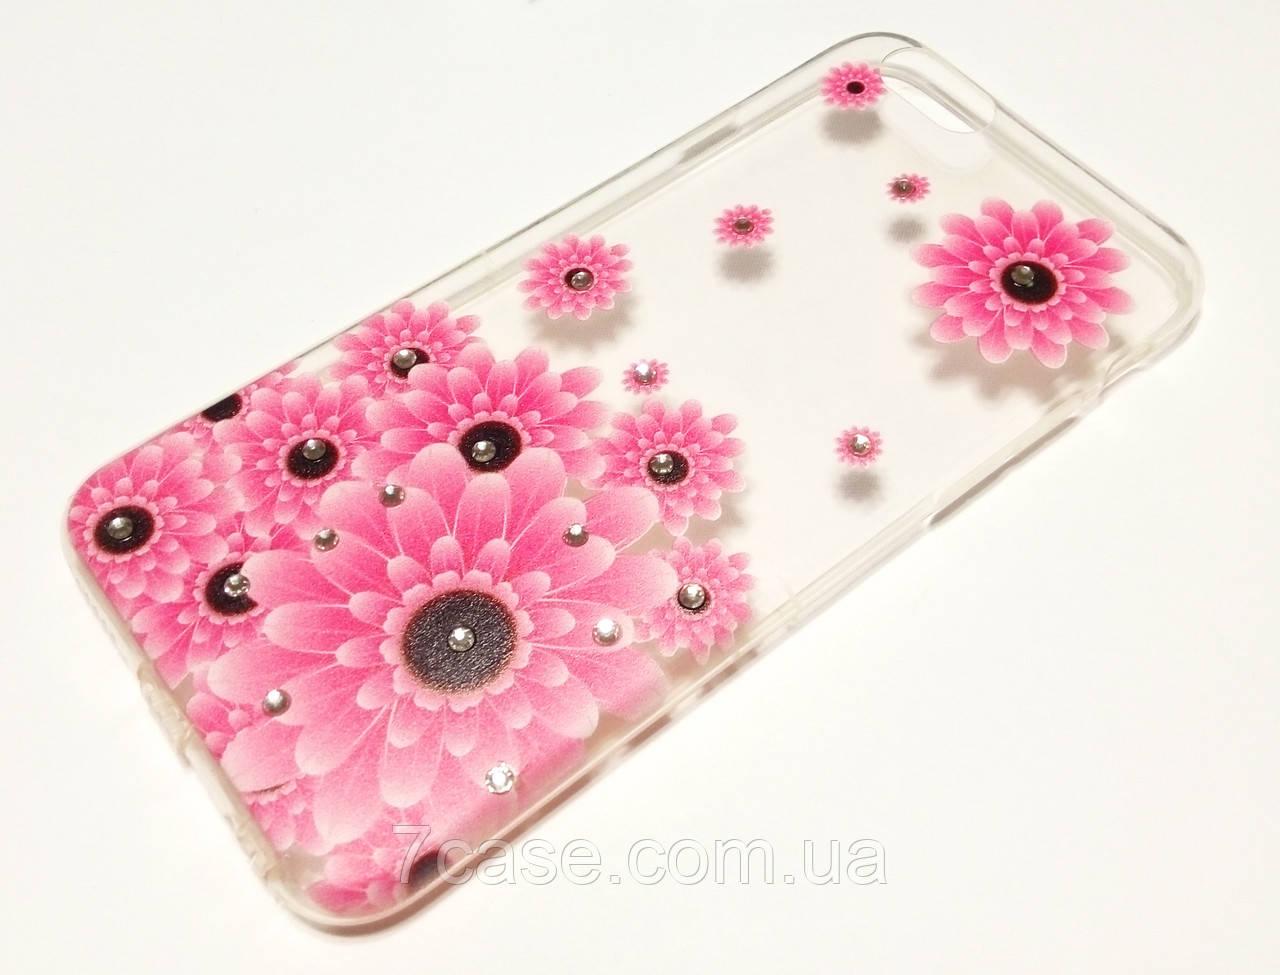 Чехол для iPhone 6 / 6s силиконовый прозрачный с рисунком розовые цветы и стразами